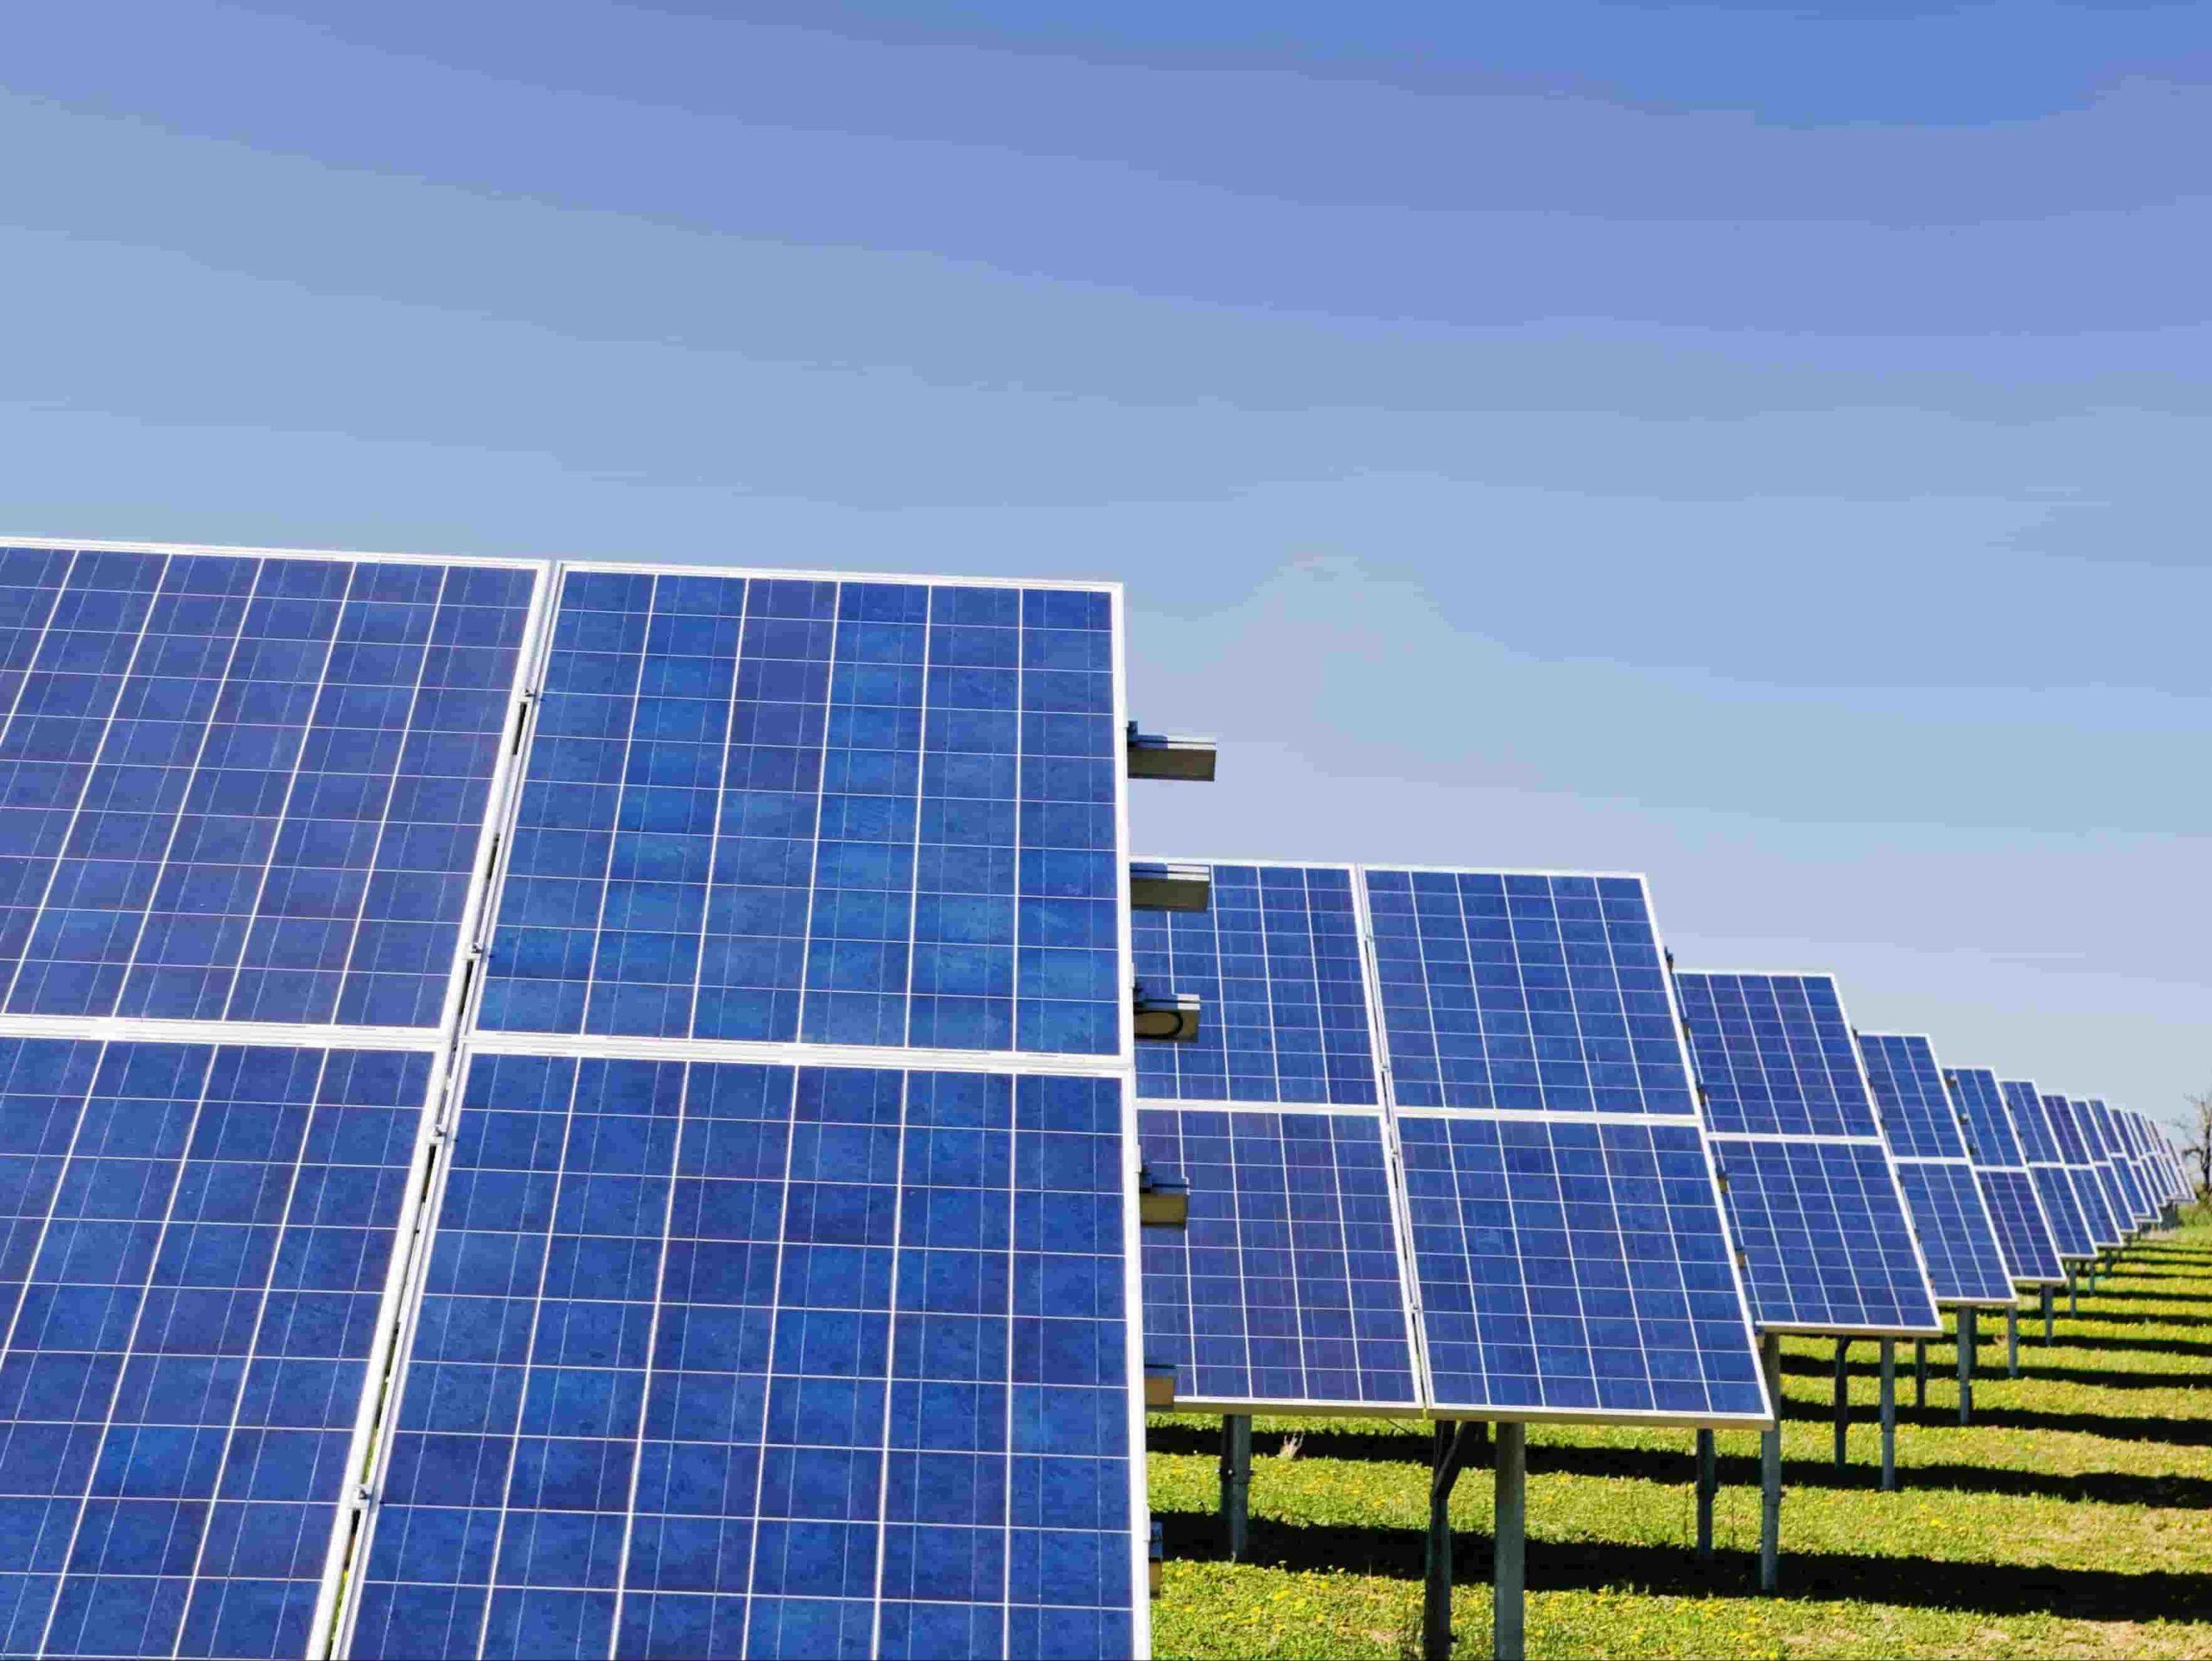 image panneaux solaires